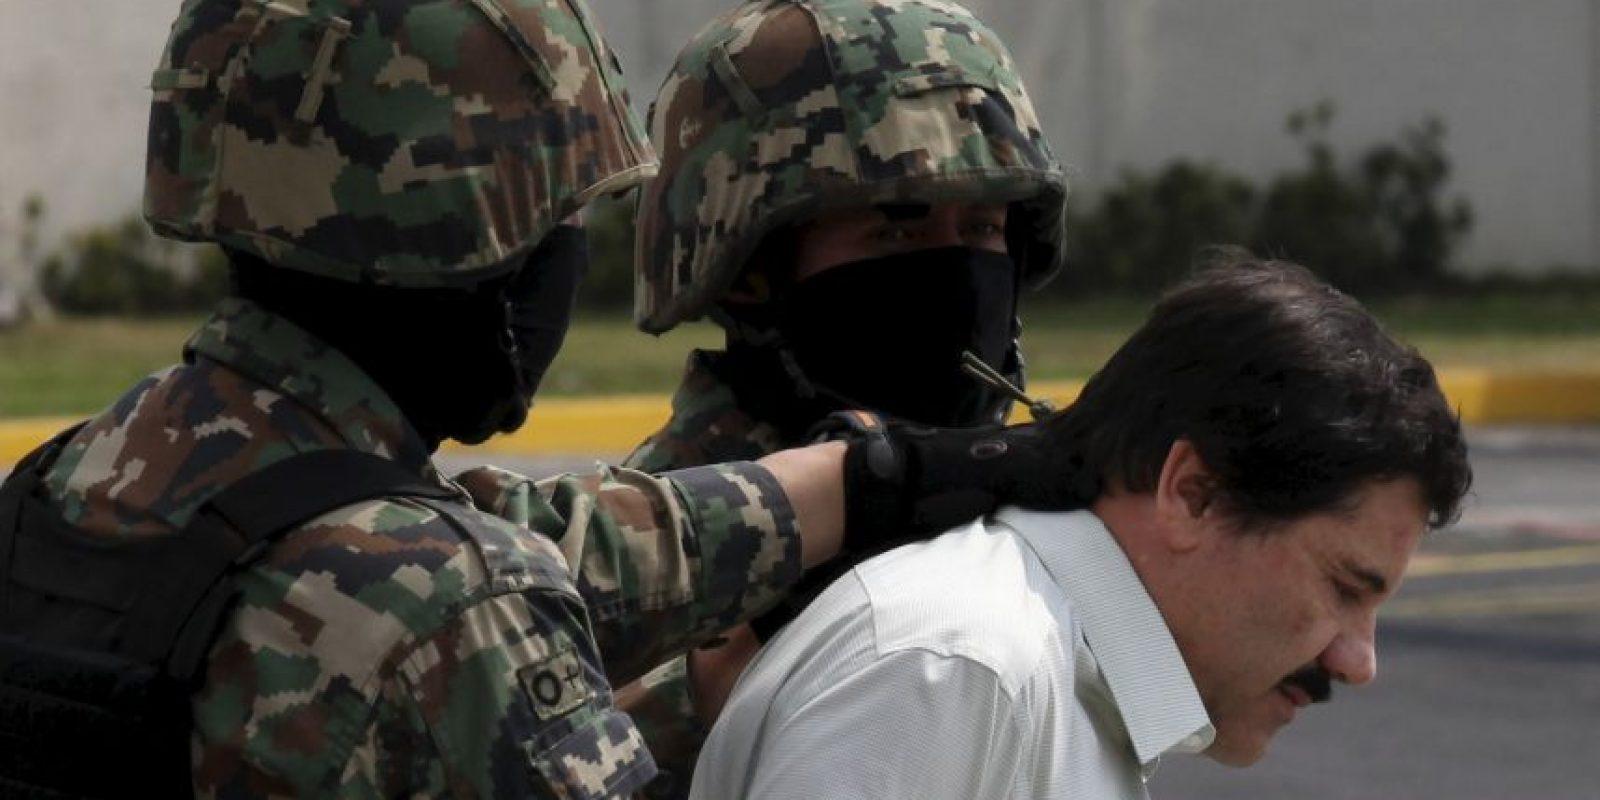 De acuerdo a la revista estadounidense Forbes, los ingresos de Guzmán Loera se calculan en mil millones de dólares Foto:AFP